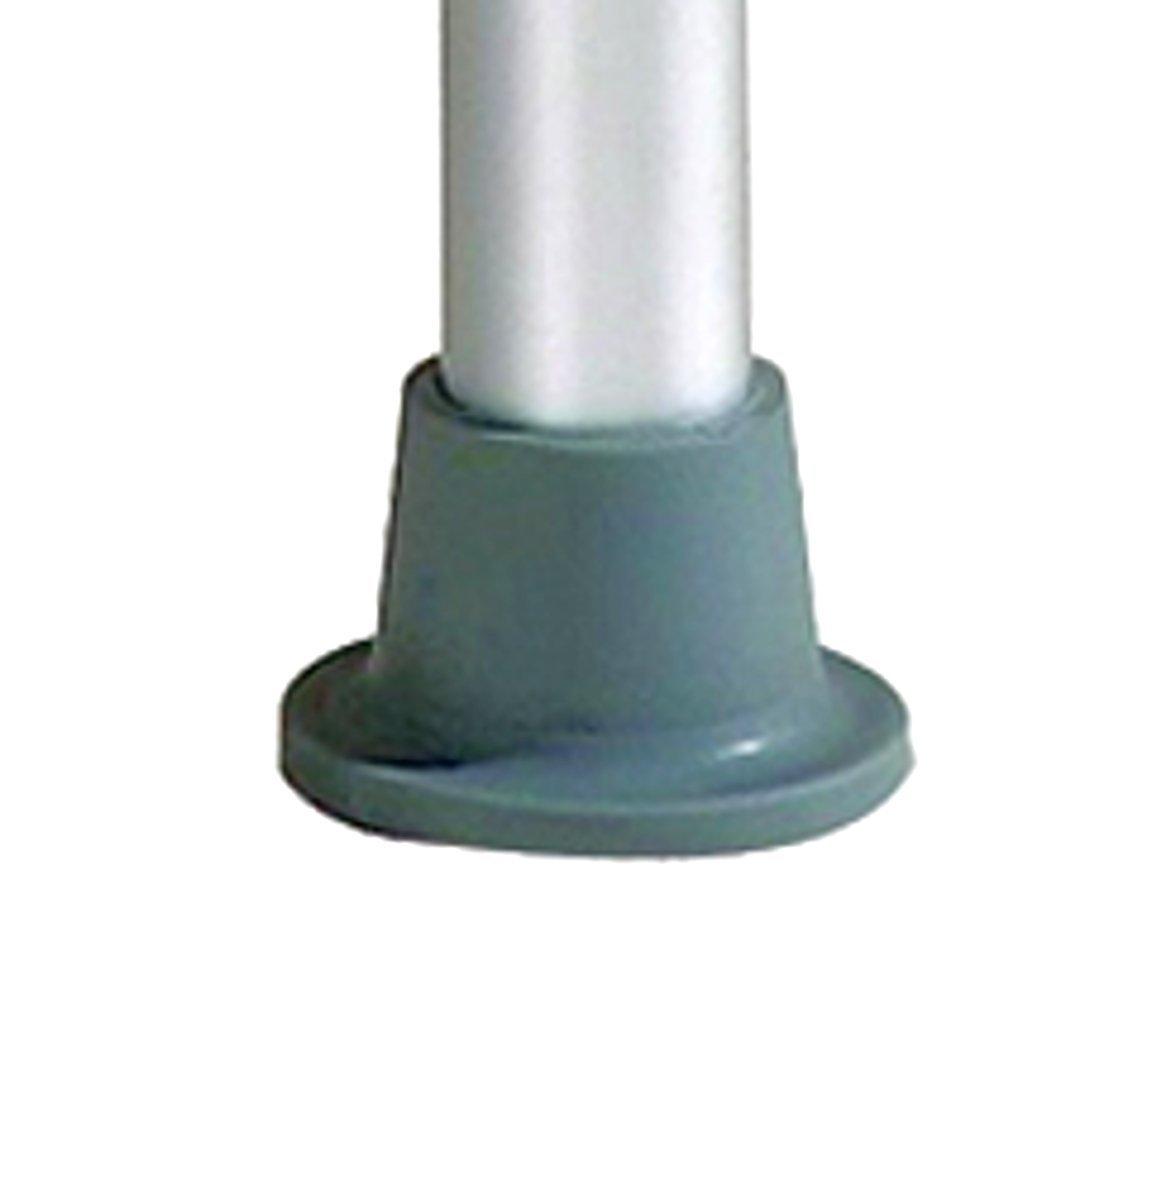 bis 136 kg Wei/ß FabaCare Duschhocker Premium Duschschemel Hocker 5-fach h/öhenverstellbar 35,5-52 cm runder Badhocker blau